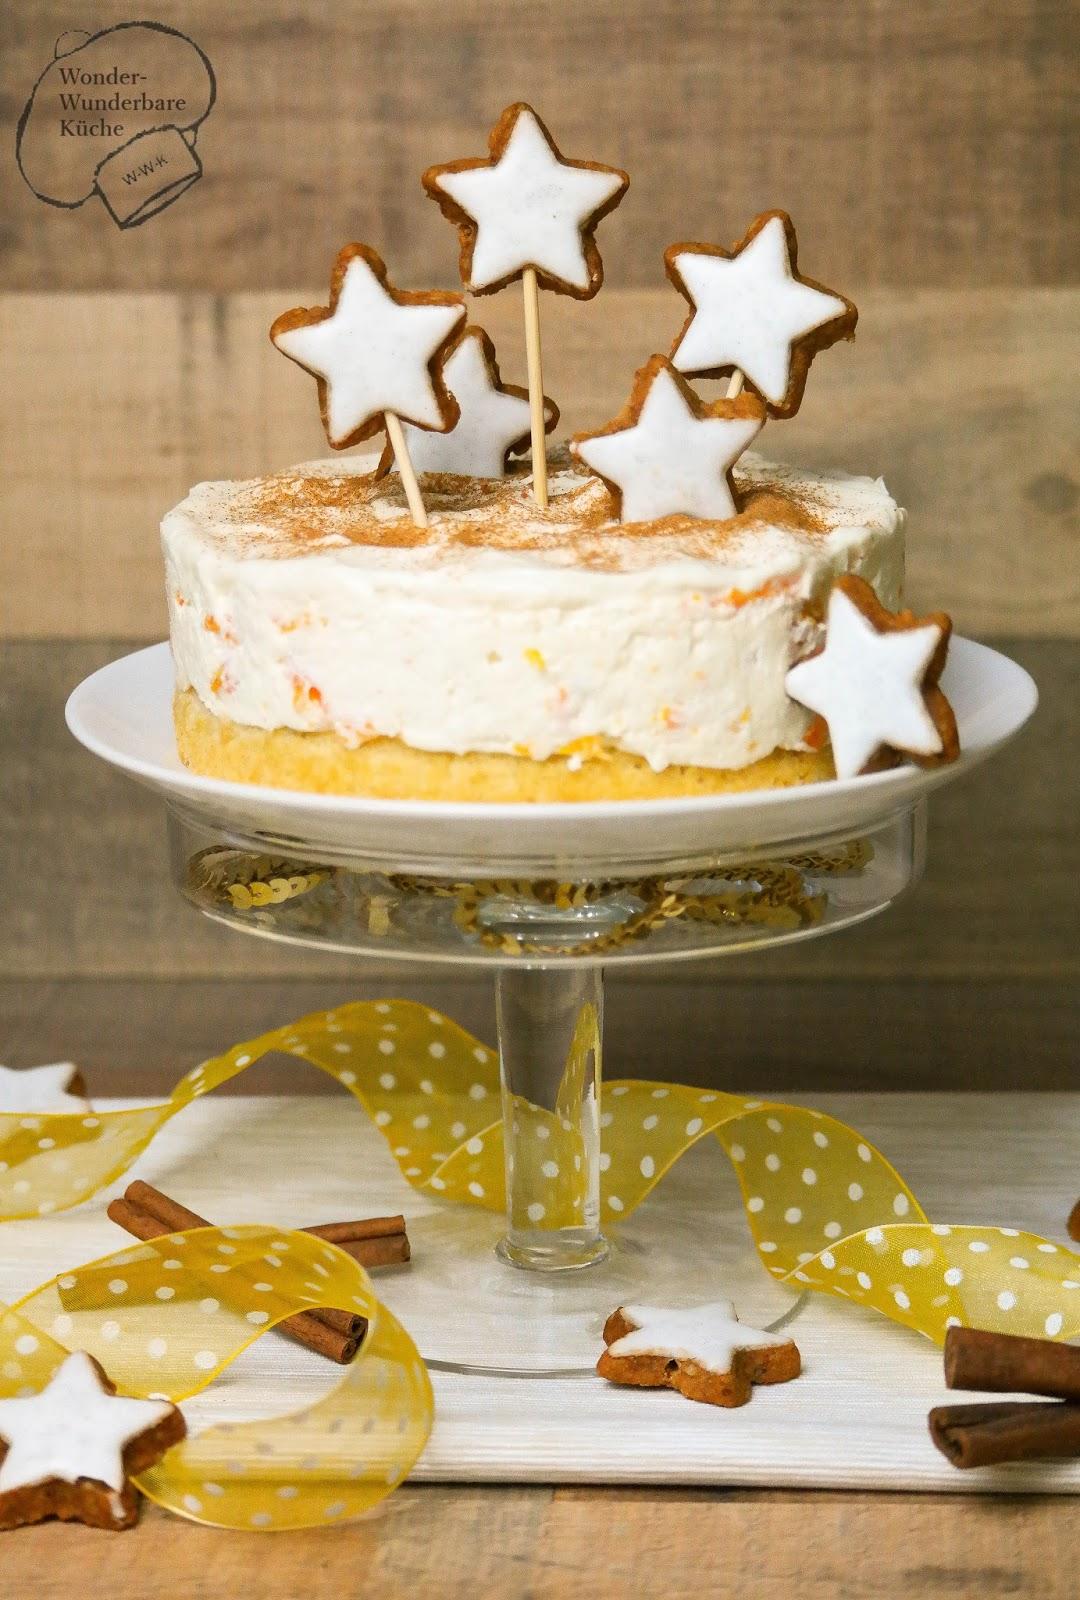 Kleine Kuchen Mascarpone Zimtstern Torte Mit Mandarinen